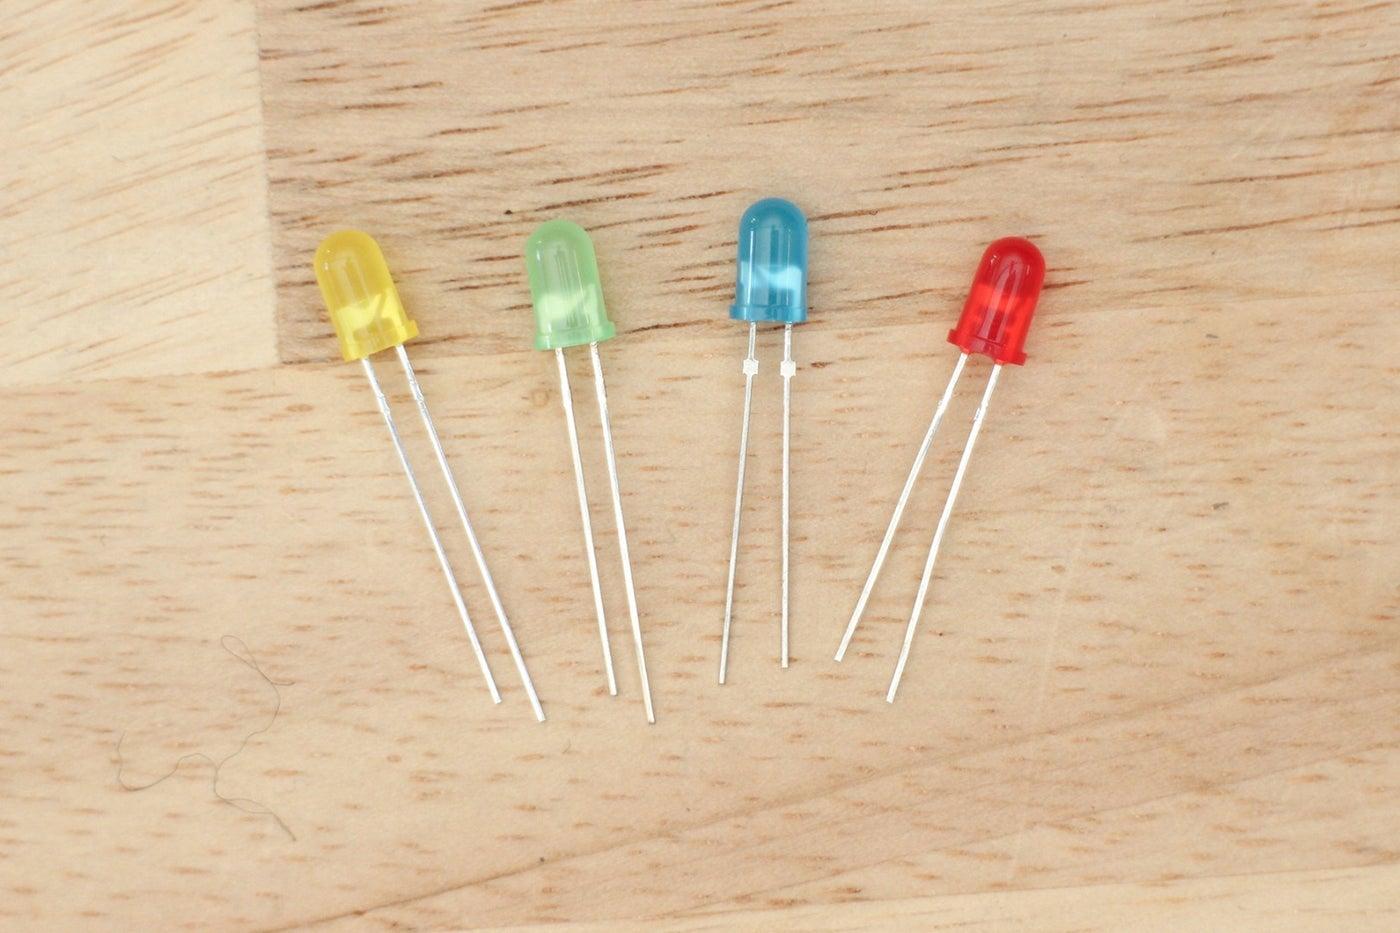 5mm LEDs